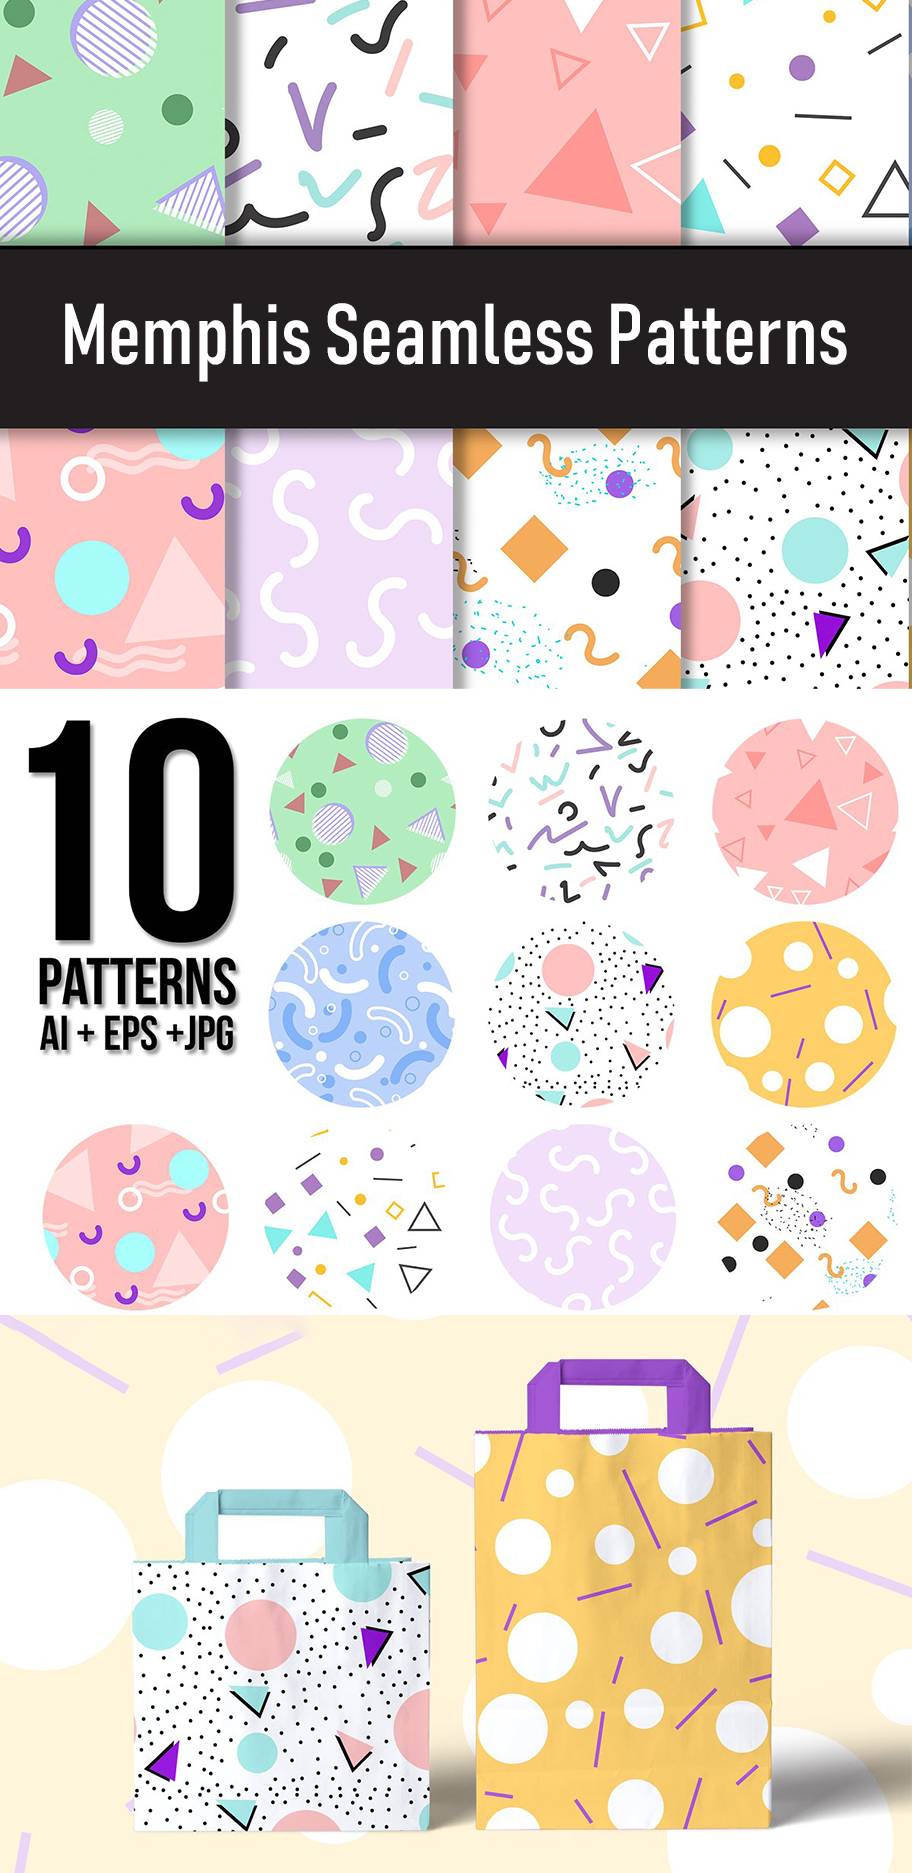 Memphis Seamless Patterns #memphisdesign